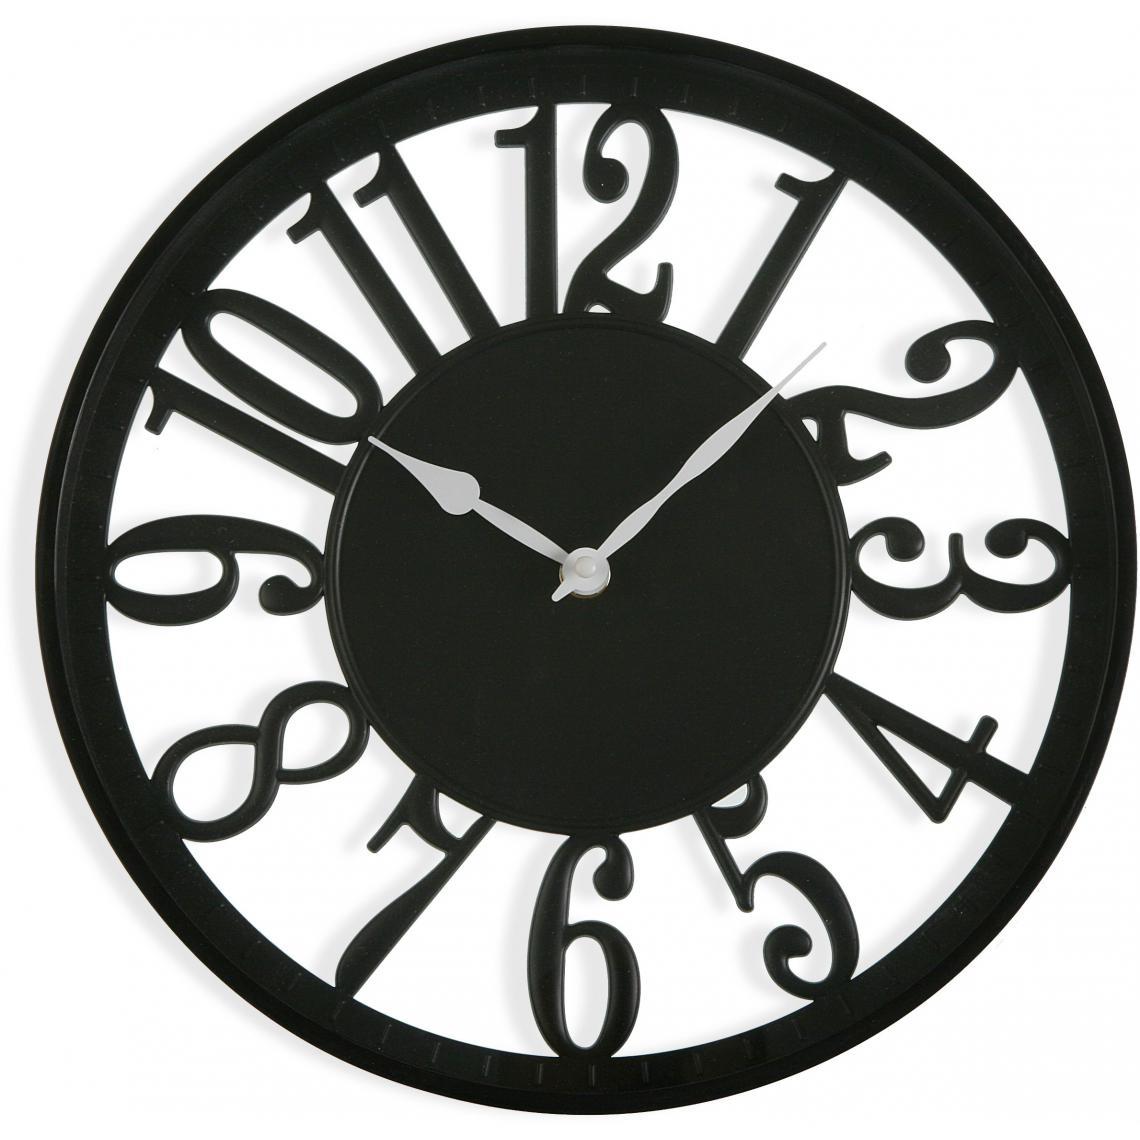 https://www.3suisses.fr/media/images/web/produit/1163827/20190621221037/horloge-murale-noire-30cm-coxy-design_19520061_1140x1140.jpg